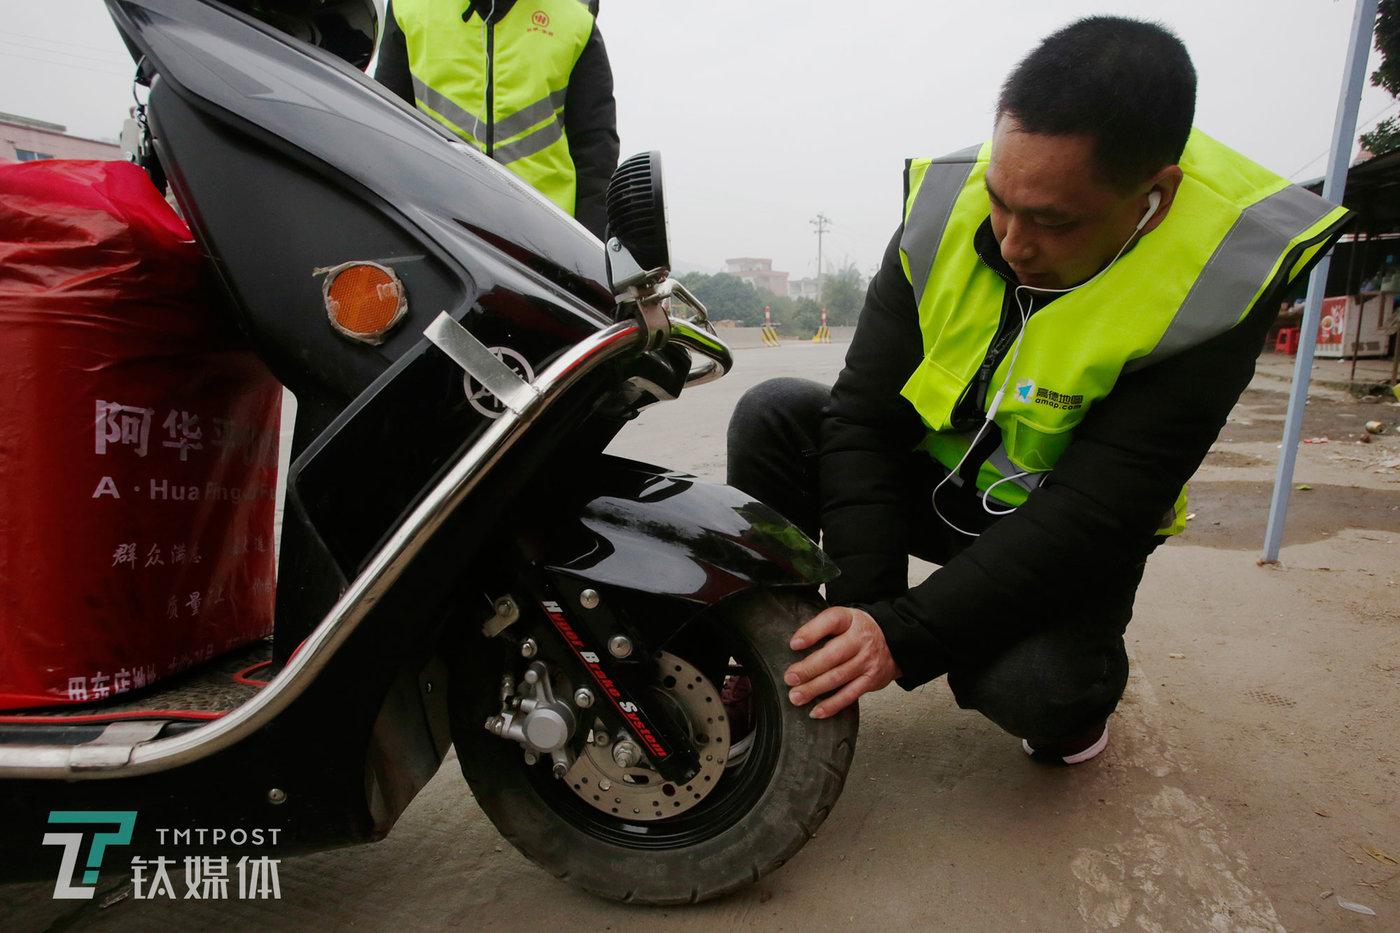 早上8点,吃过早饭继续赶路前,苏宏杰再次检查两台摩托车轮胎。每年骑车回家,动身前他都会仔细检查车辆,换好机油。苏宏杰说,自己很幸运,没遇到过什么危险,他最怕下雨天,下雨天路很滑,容易摔跤。